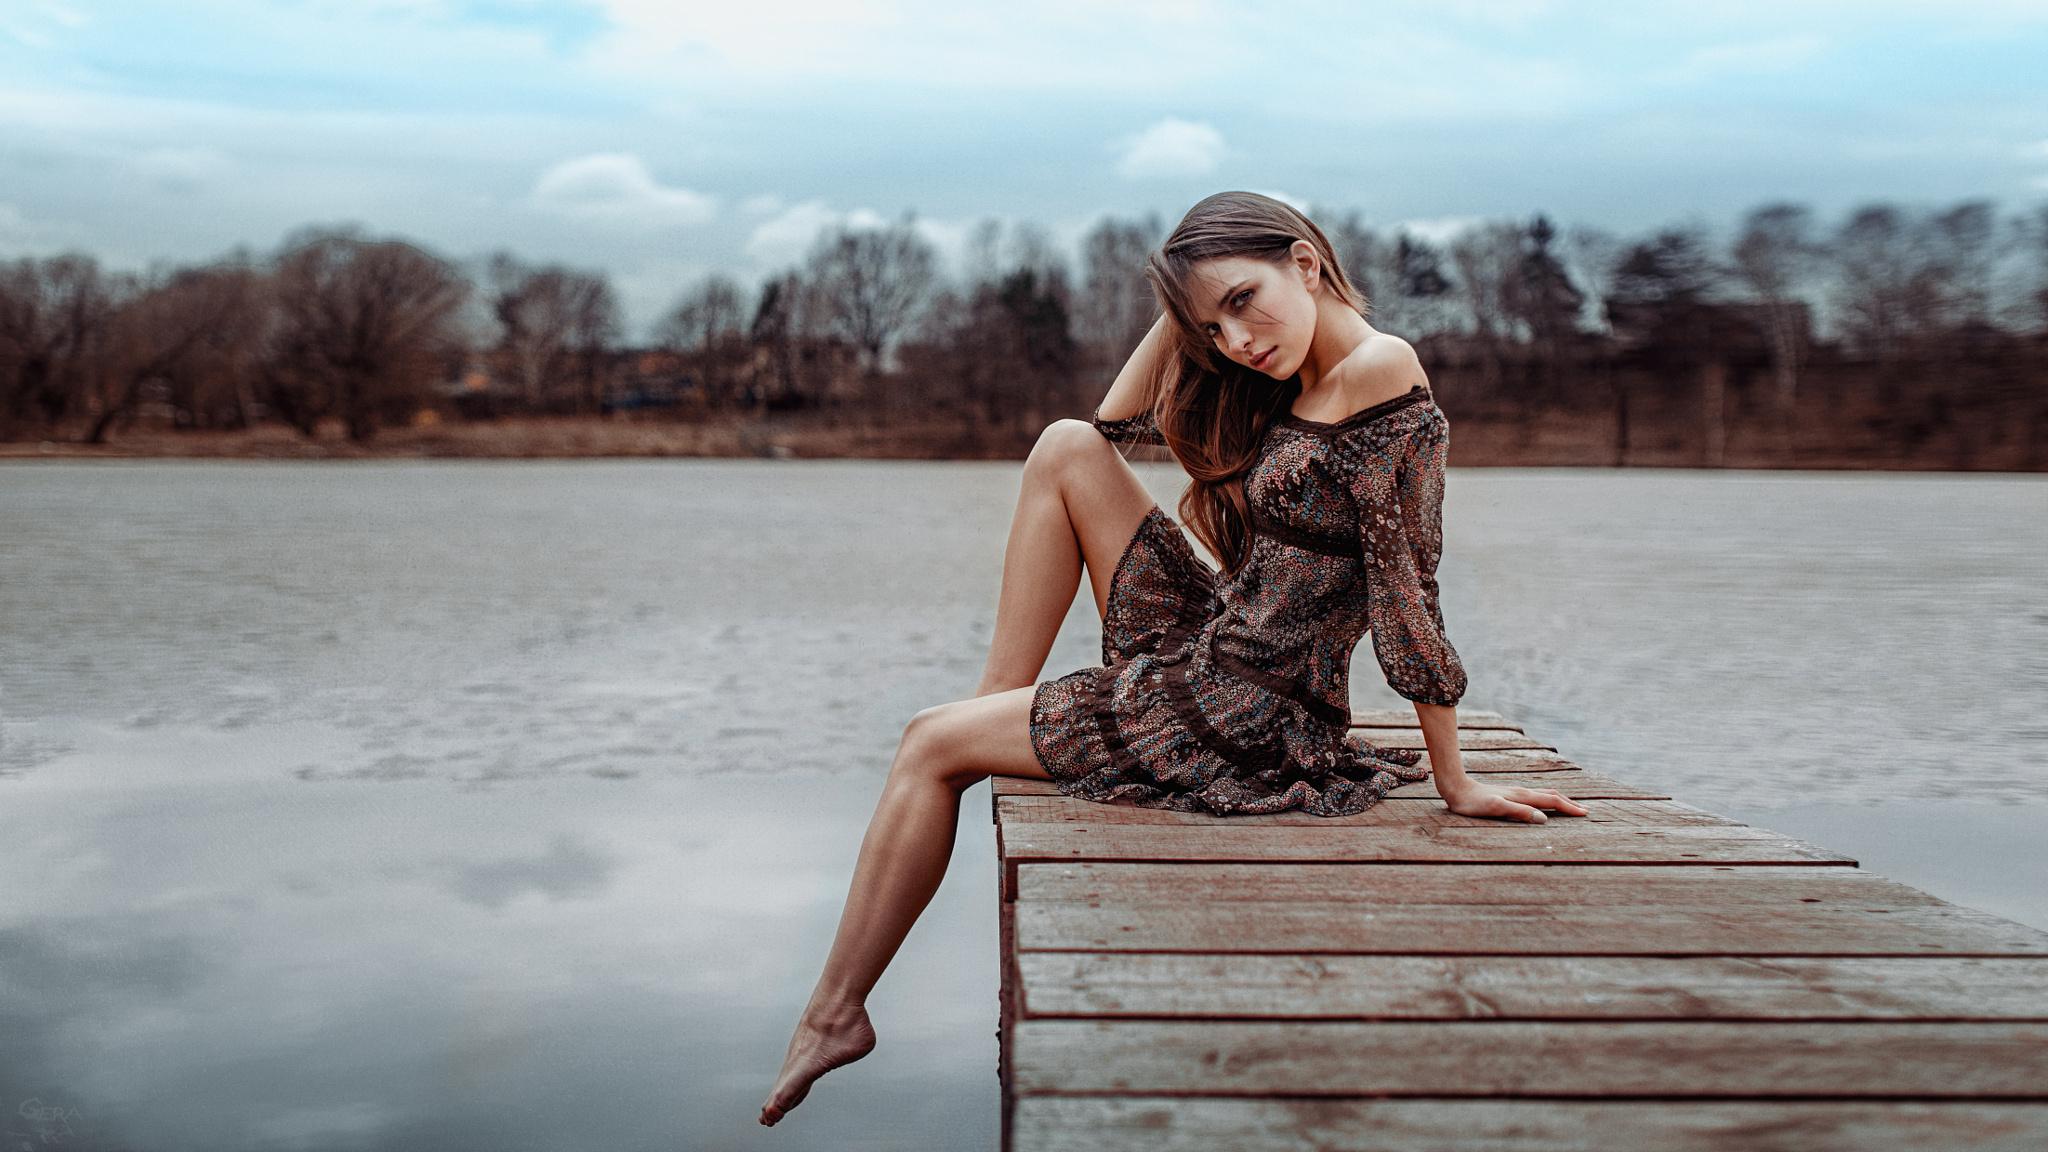 разделены между идеи для фото возле озера силуэты белого